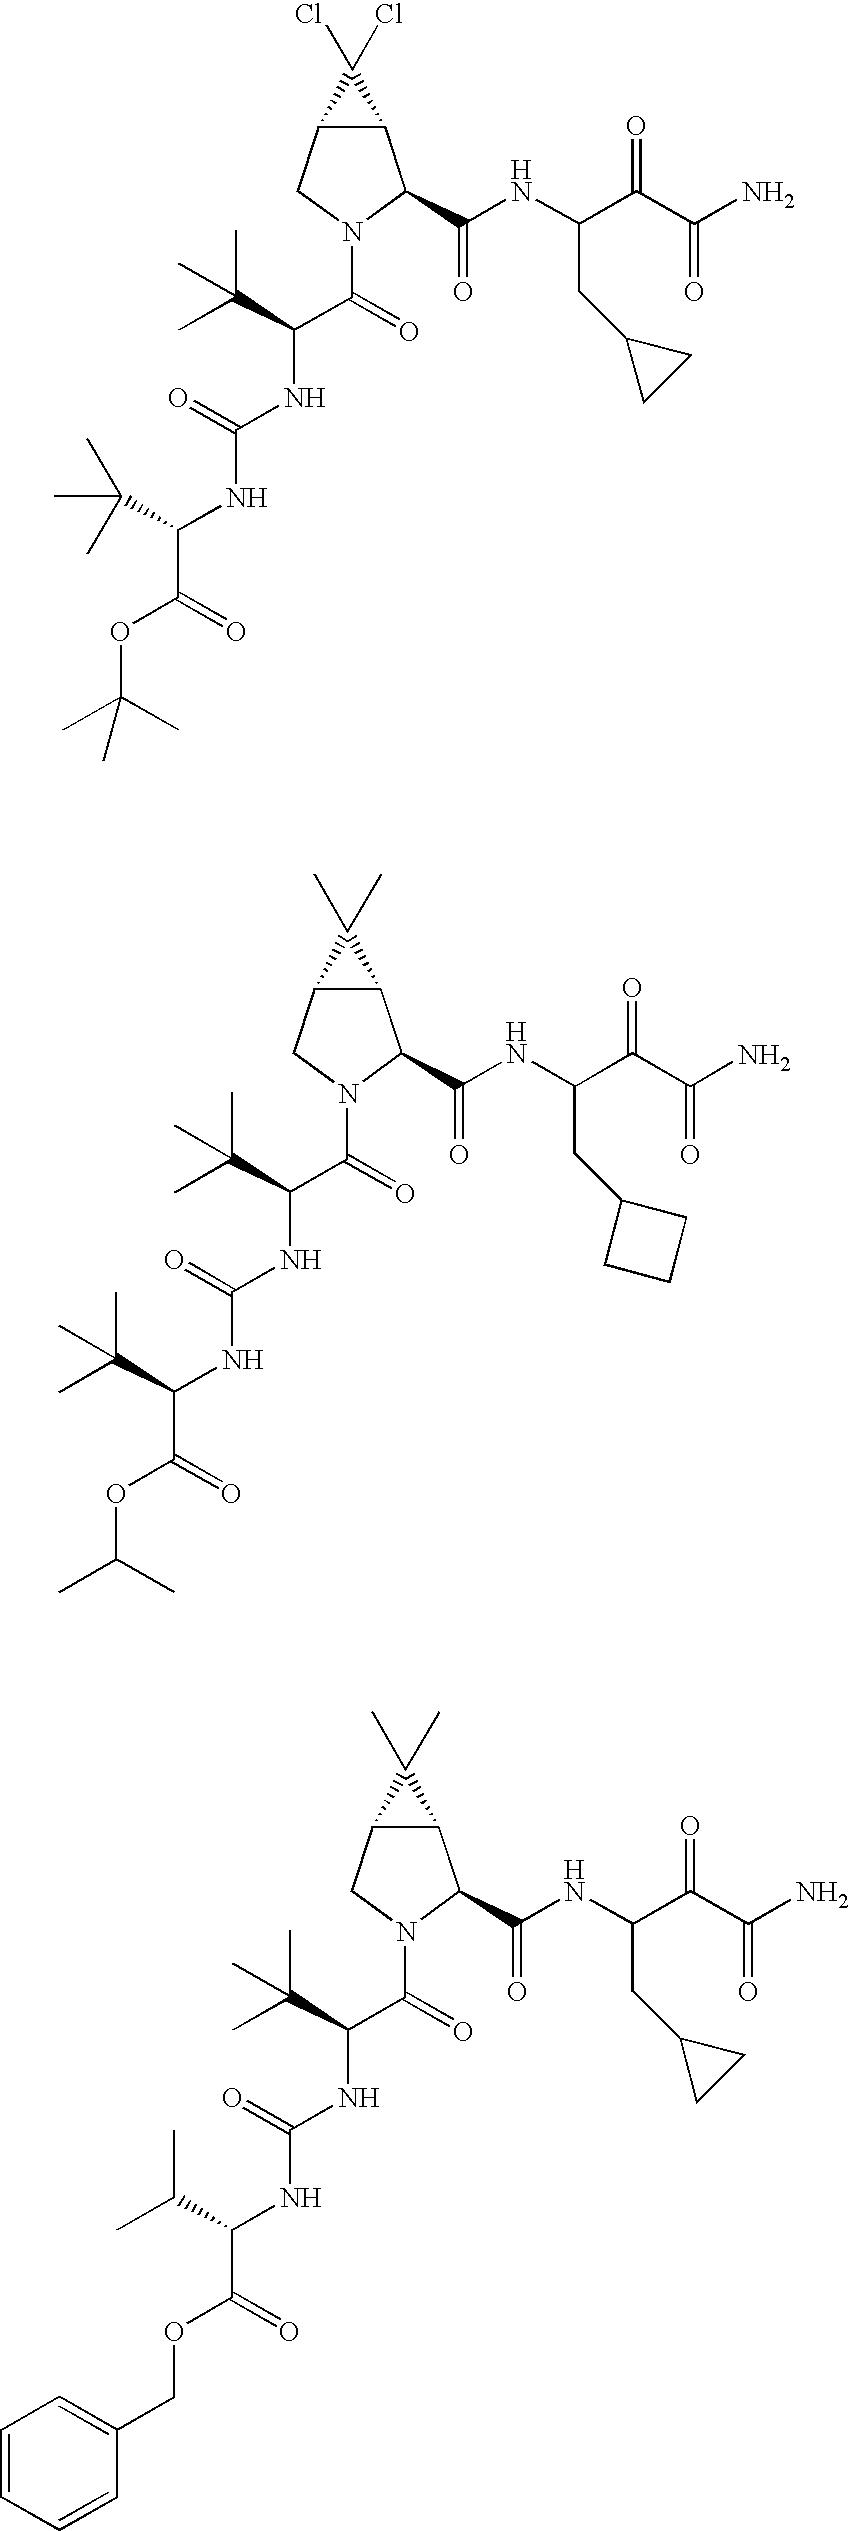 Figure US20060287248A1-20061221-C00252